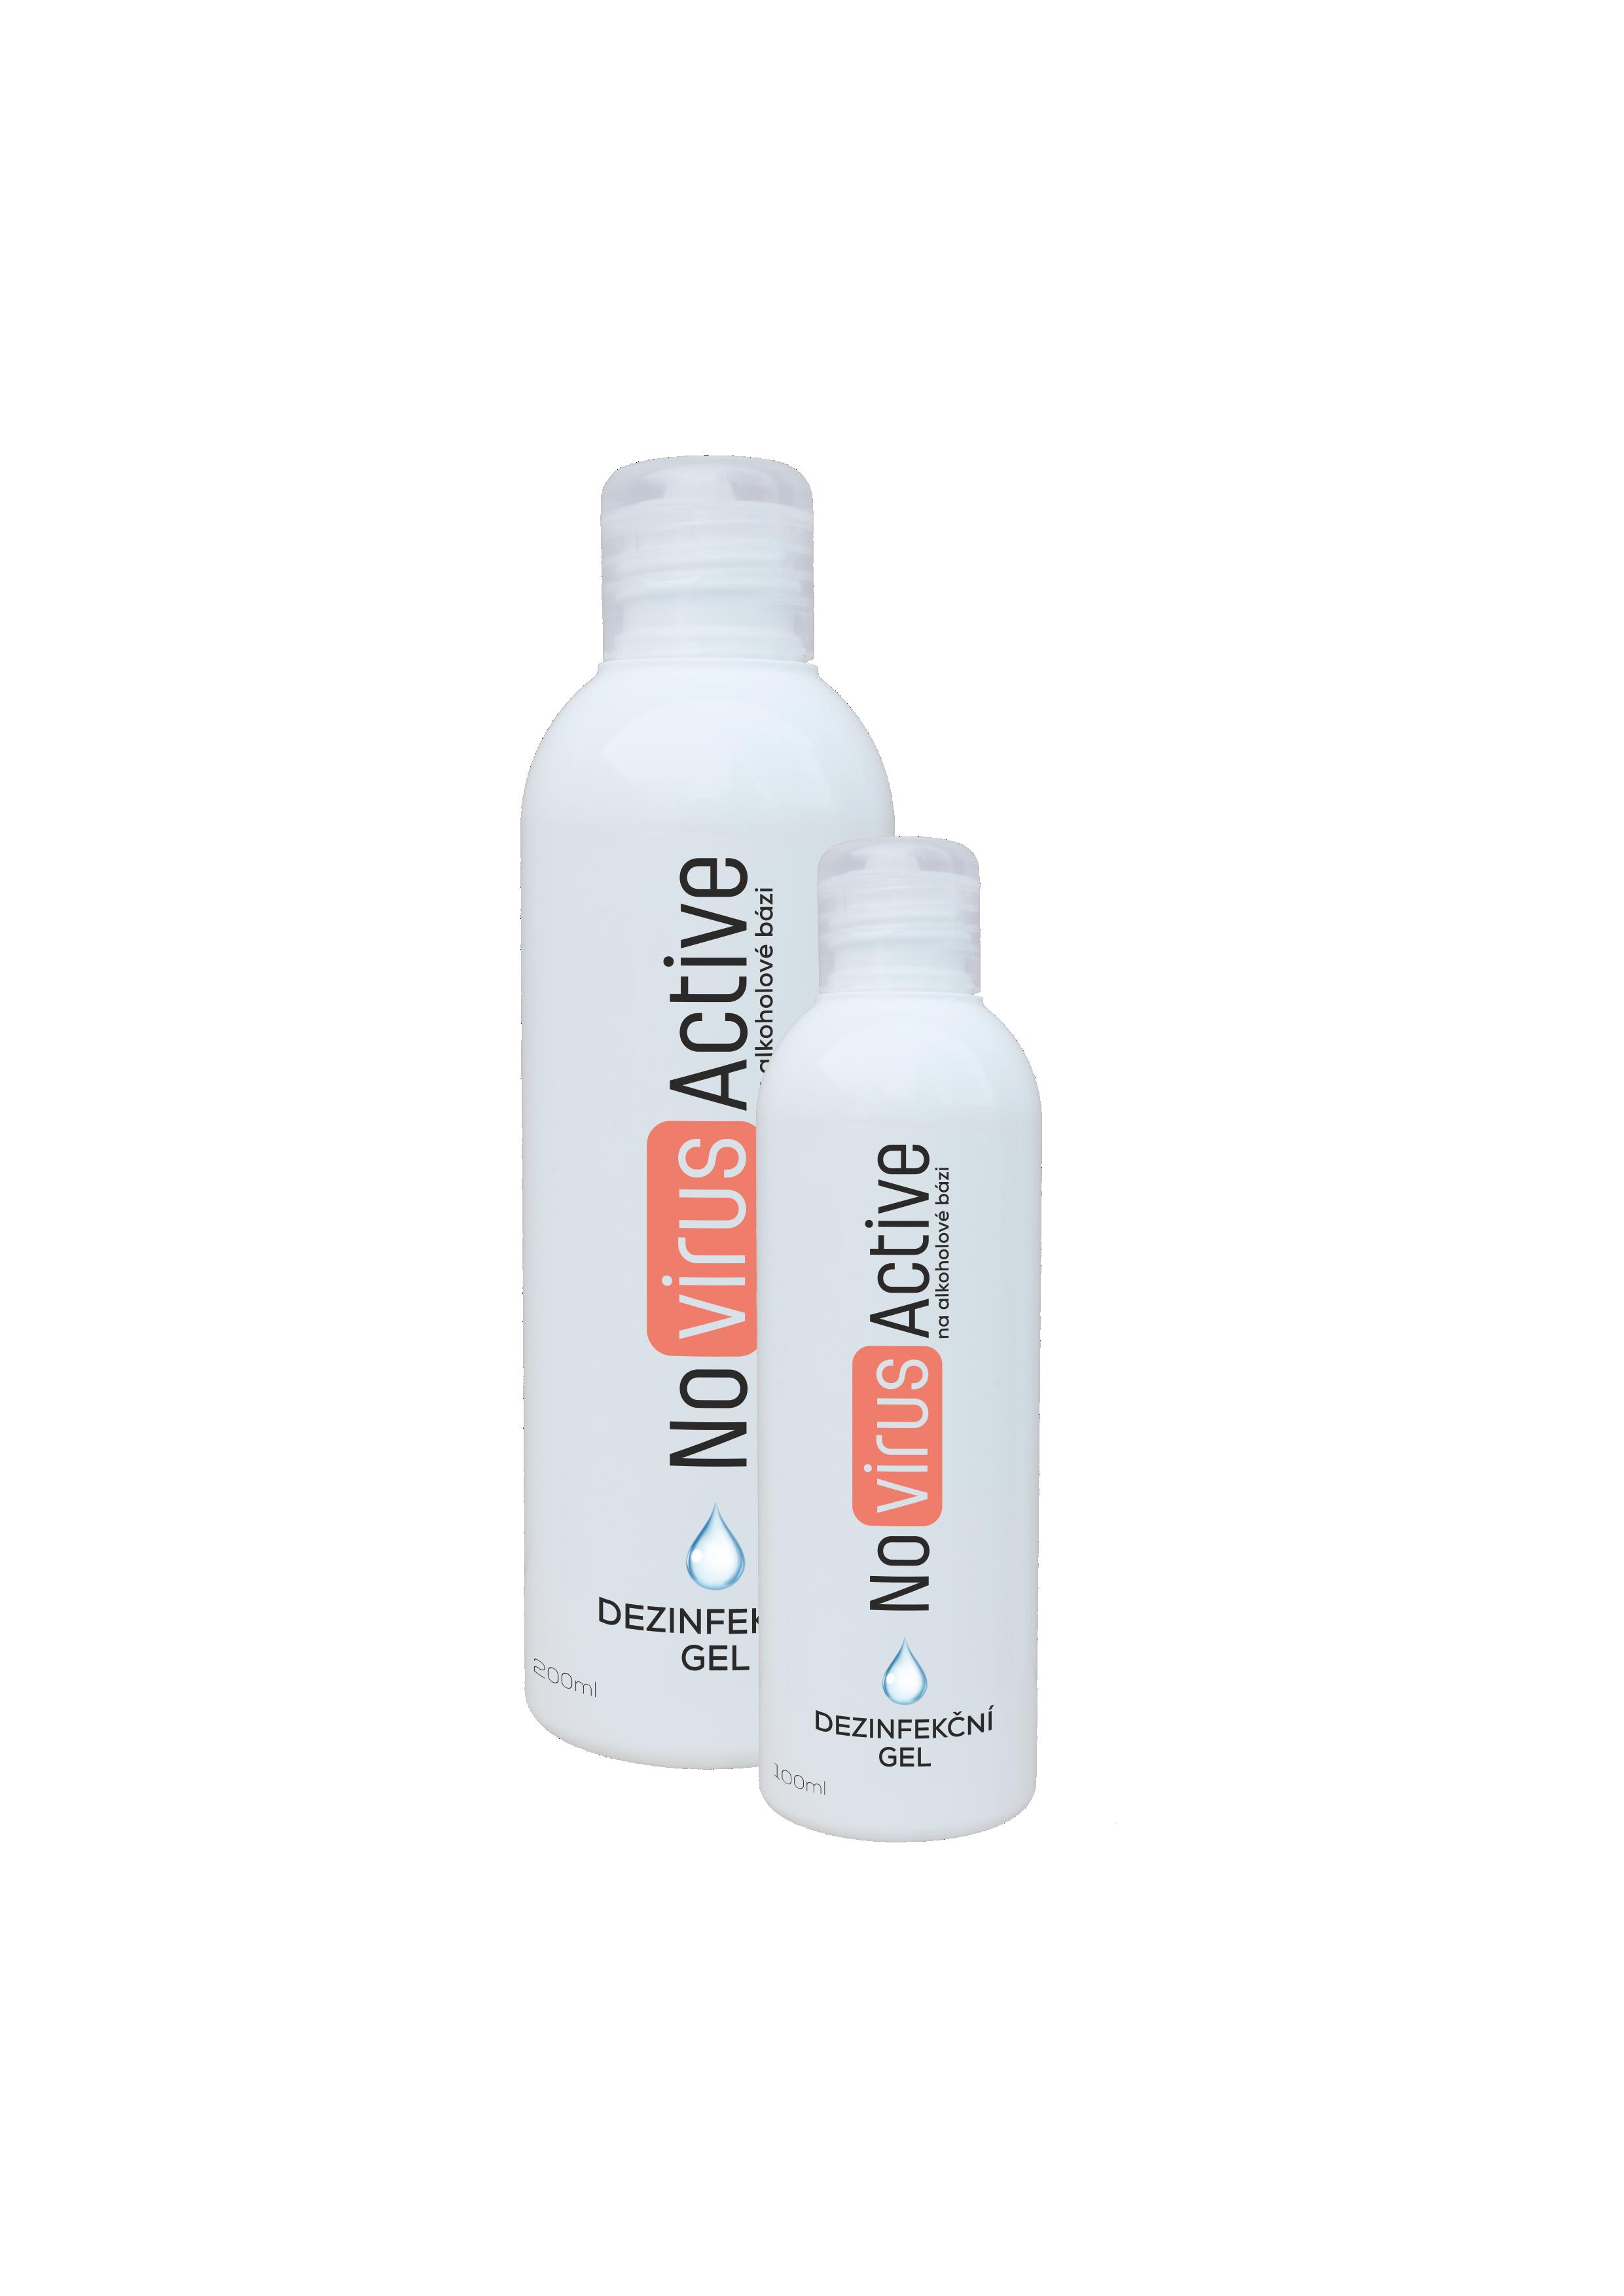 Dezinfekční přípravky a náplně - dezinfekční gel